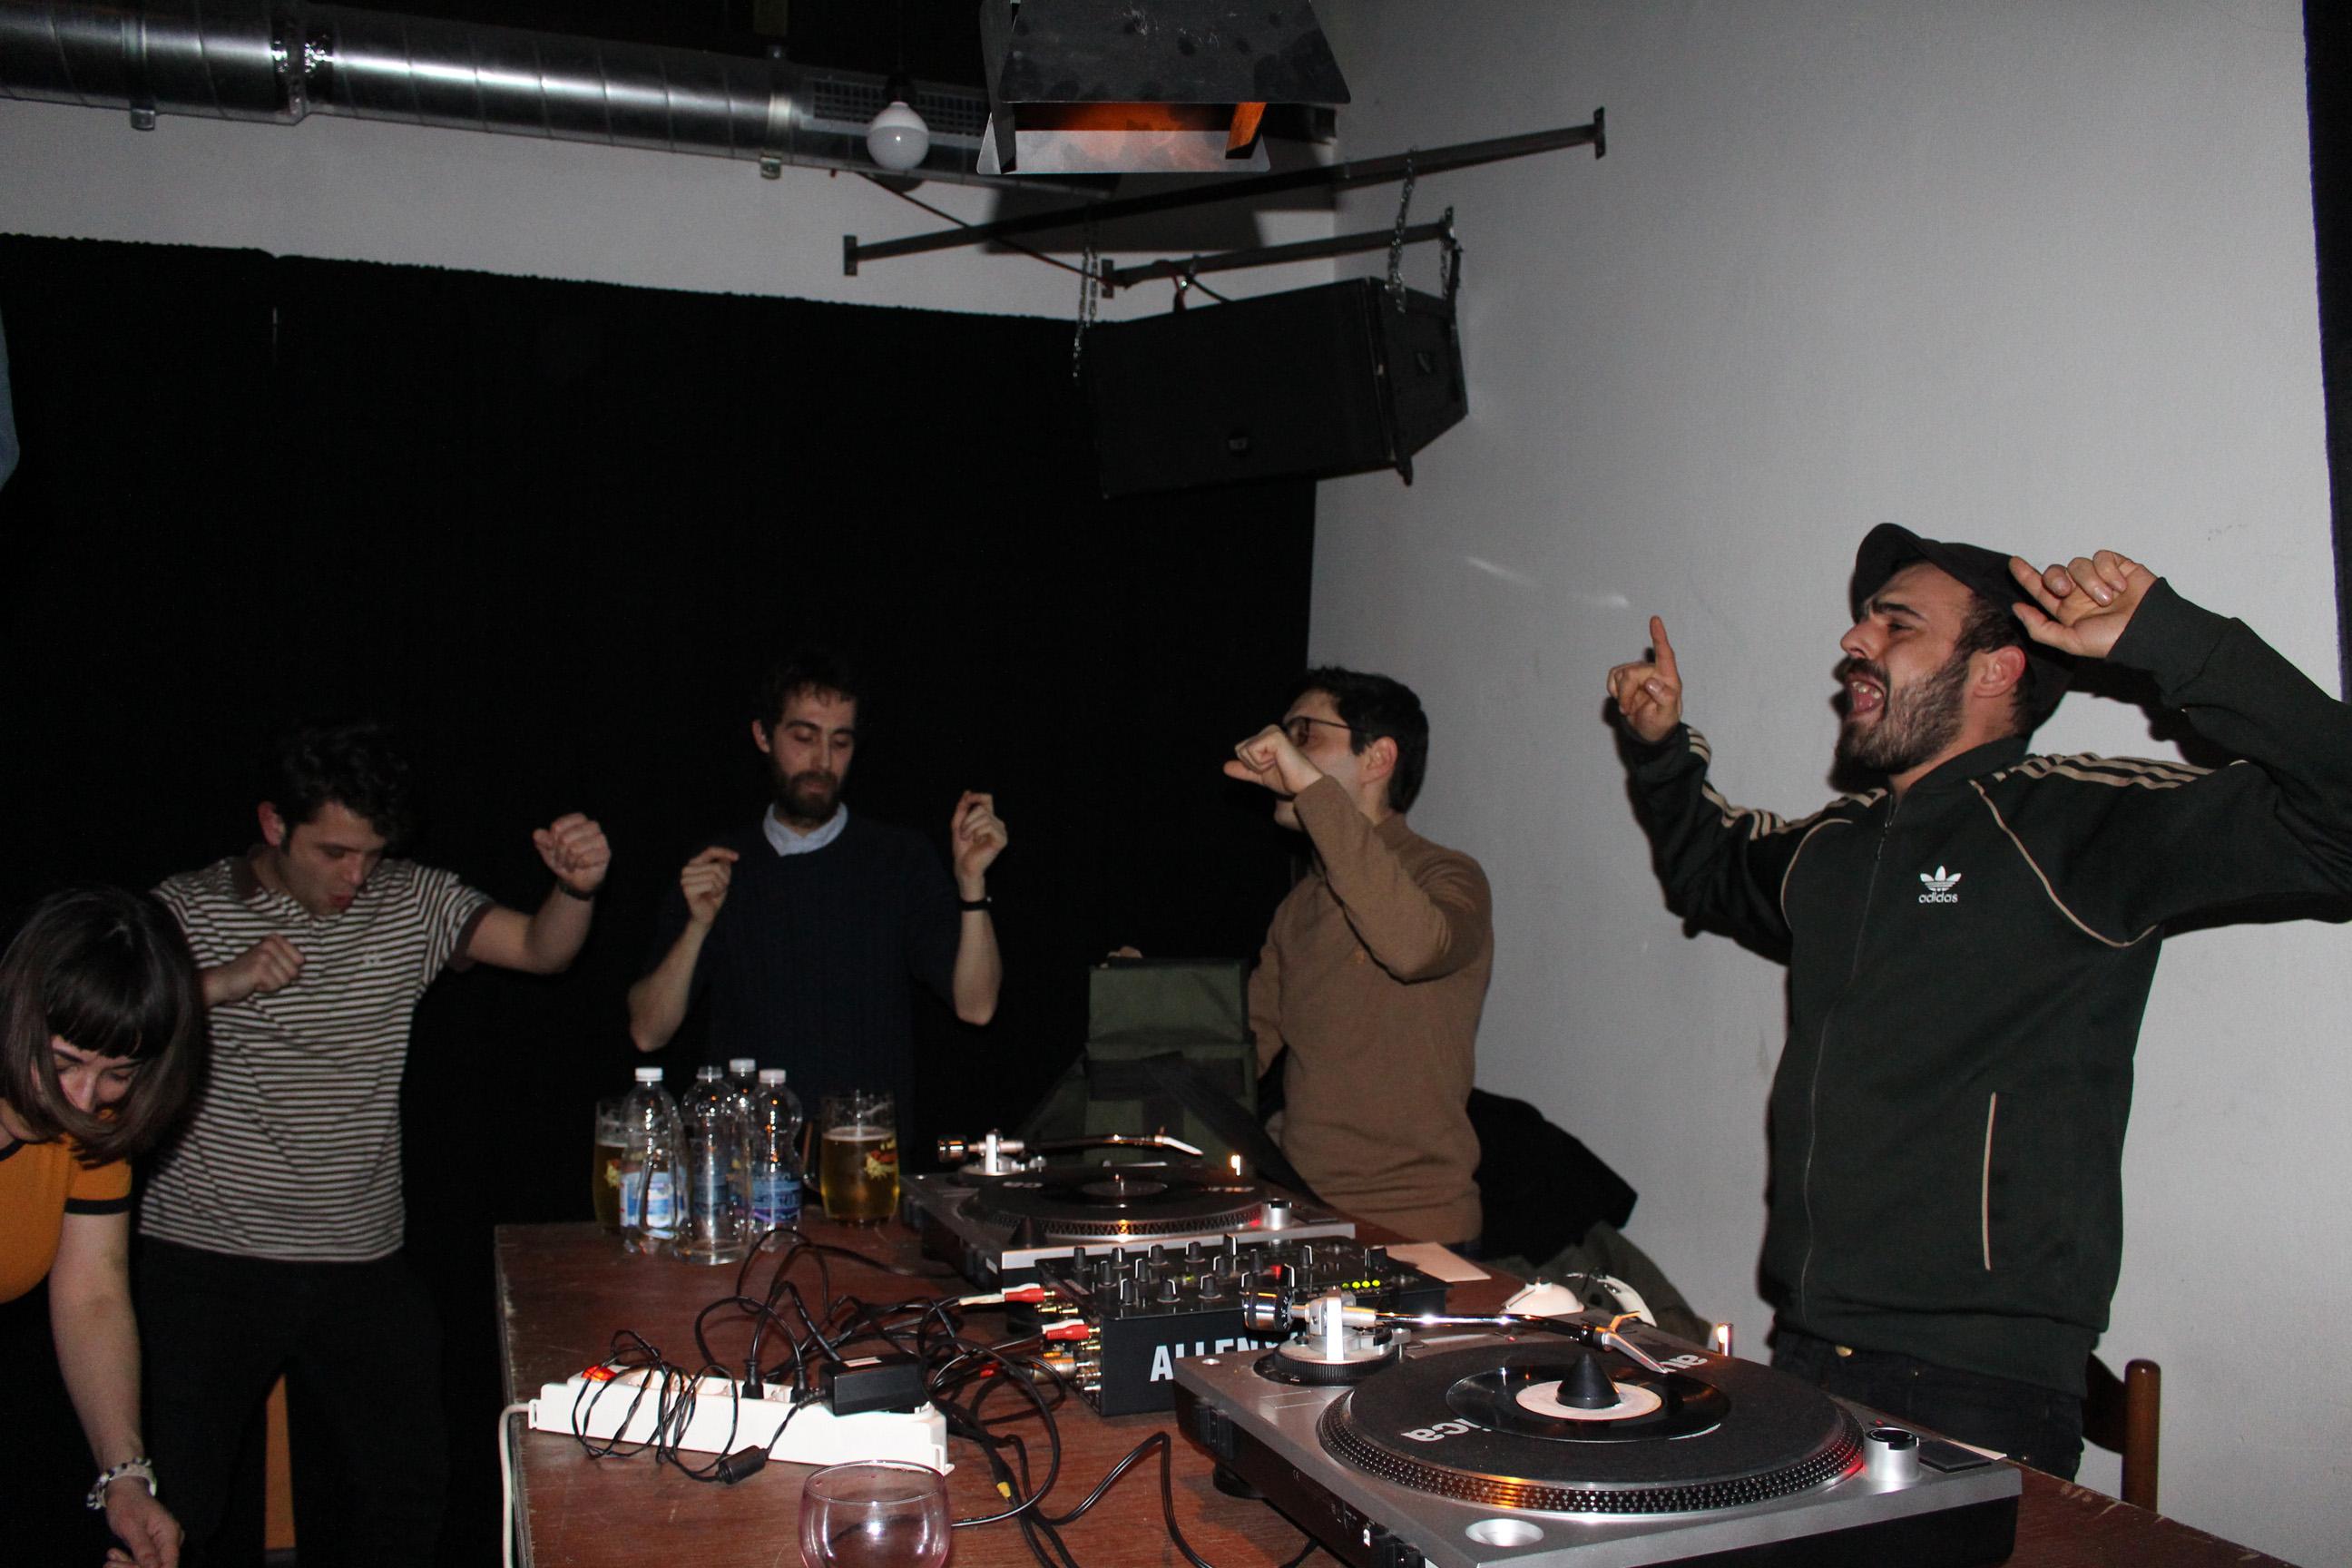 serata ska reggae r&b soul Rough&Tough al Magazine Club, Padova